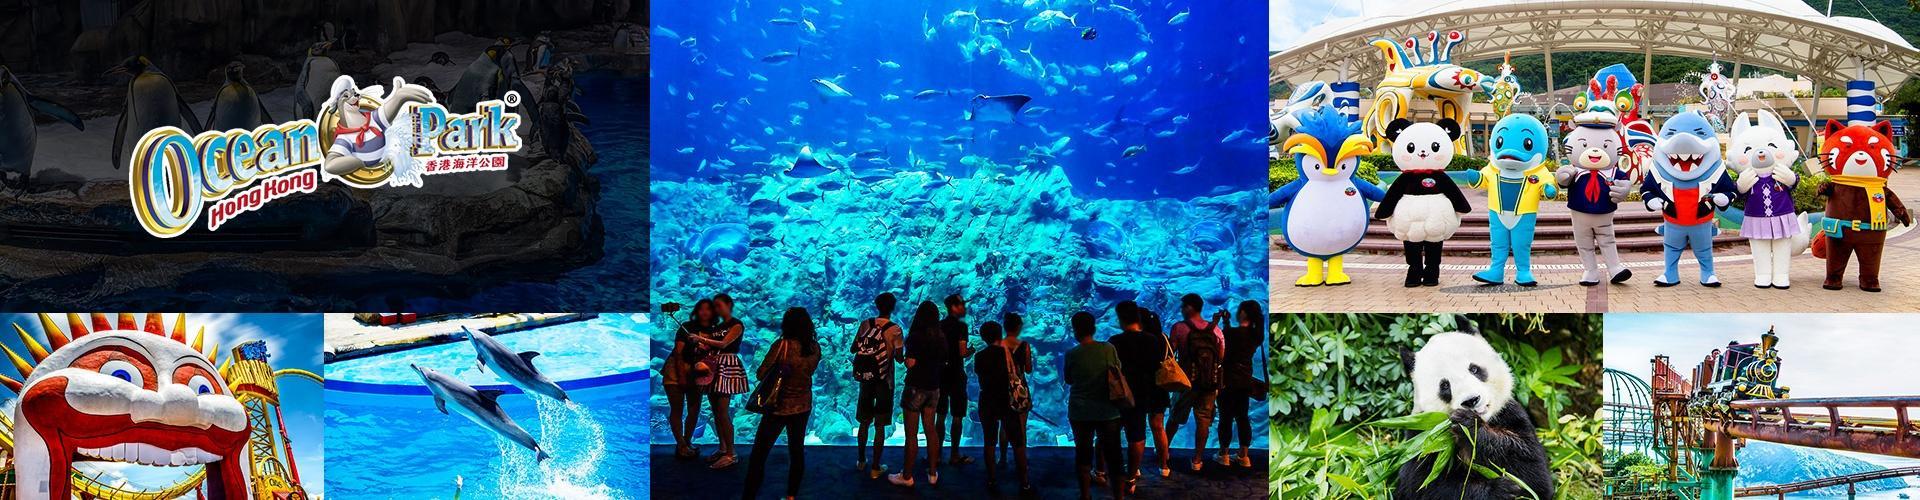 【夏日優惠】香港海洋公園門票優惠 (含園內現金券)